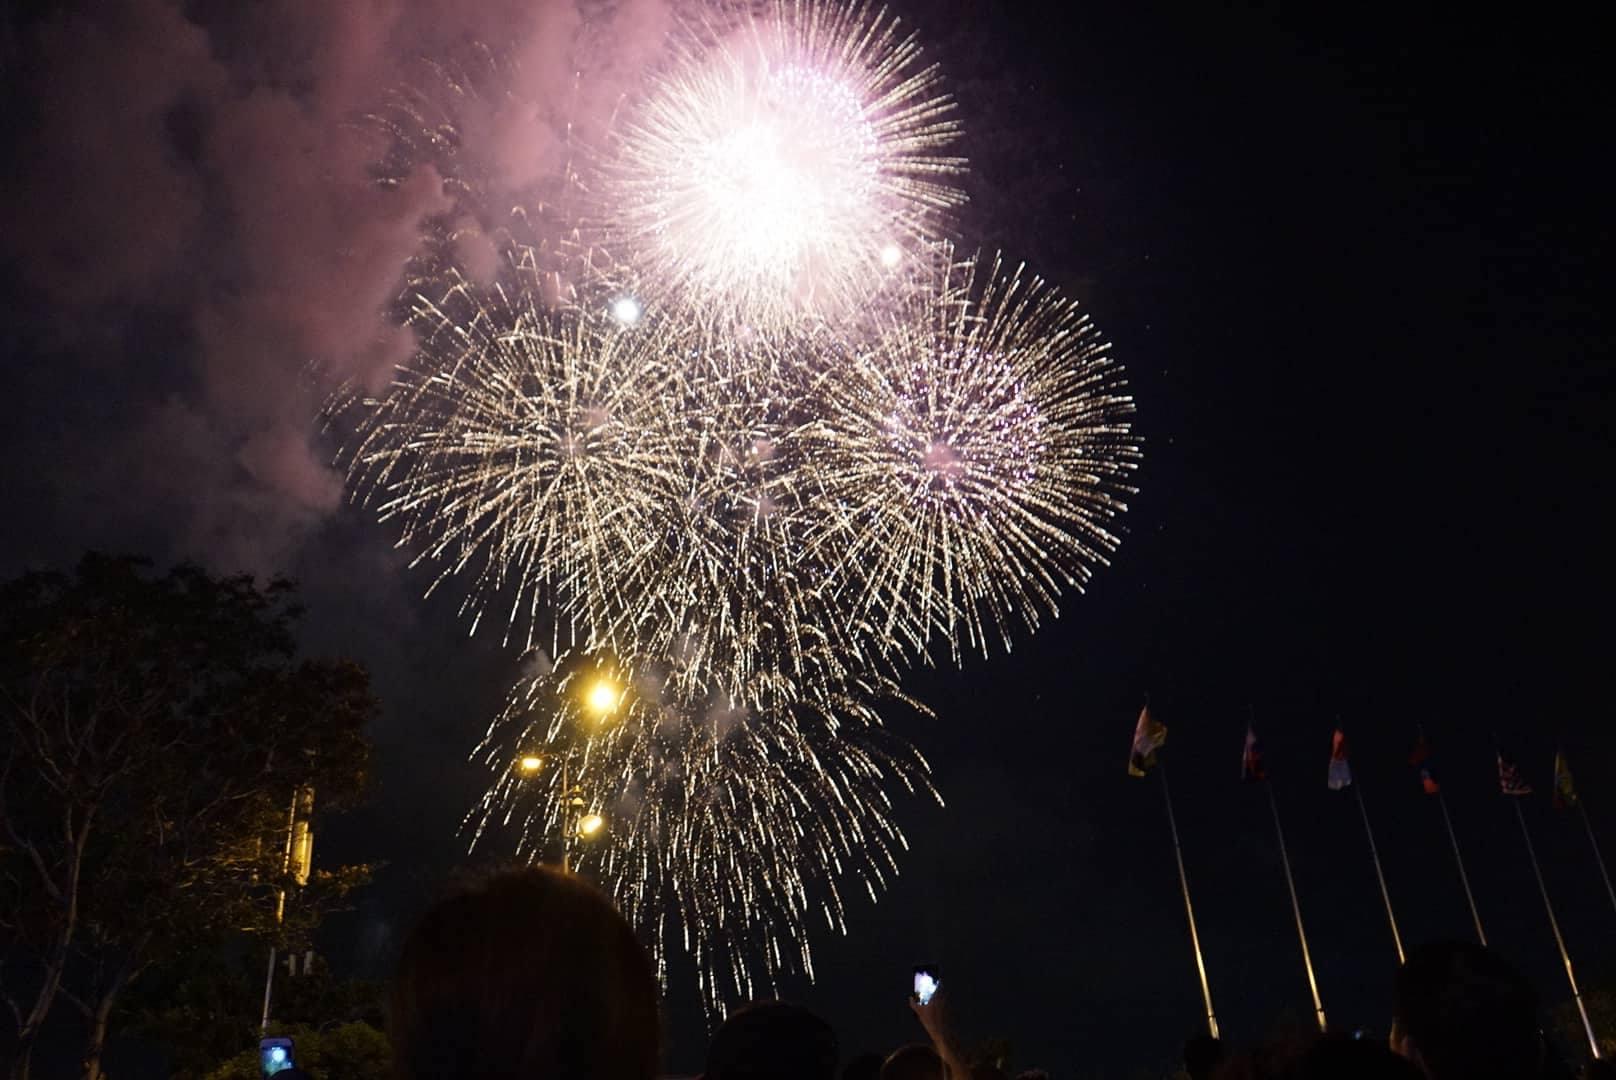 Pháo hoa rực sáng trên bầu trời Sài Gòn mừng lễ 30/4-5